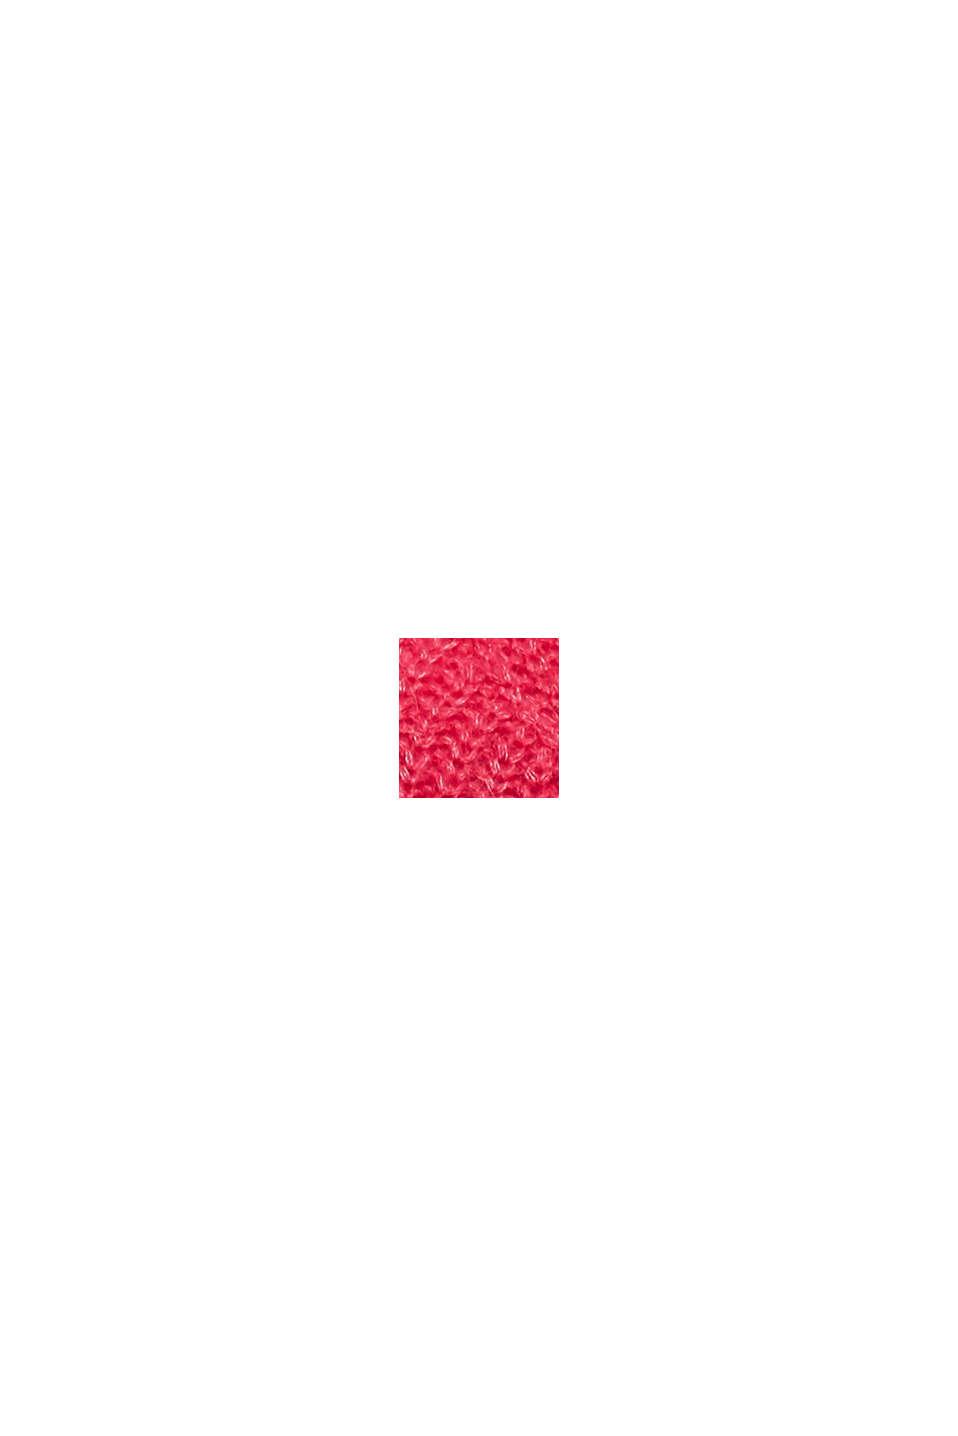 Z wełną i alpaką: sweter w ażurowy wzór pointelle, PINK FUCHSIA, swatch